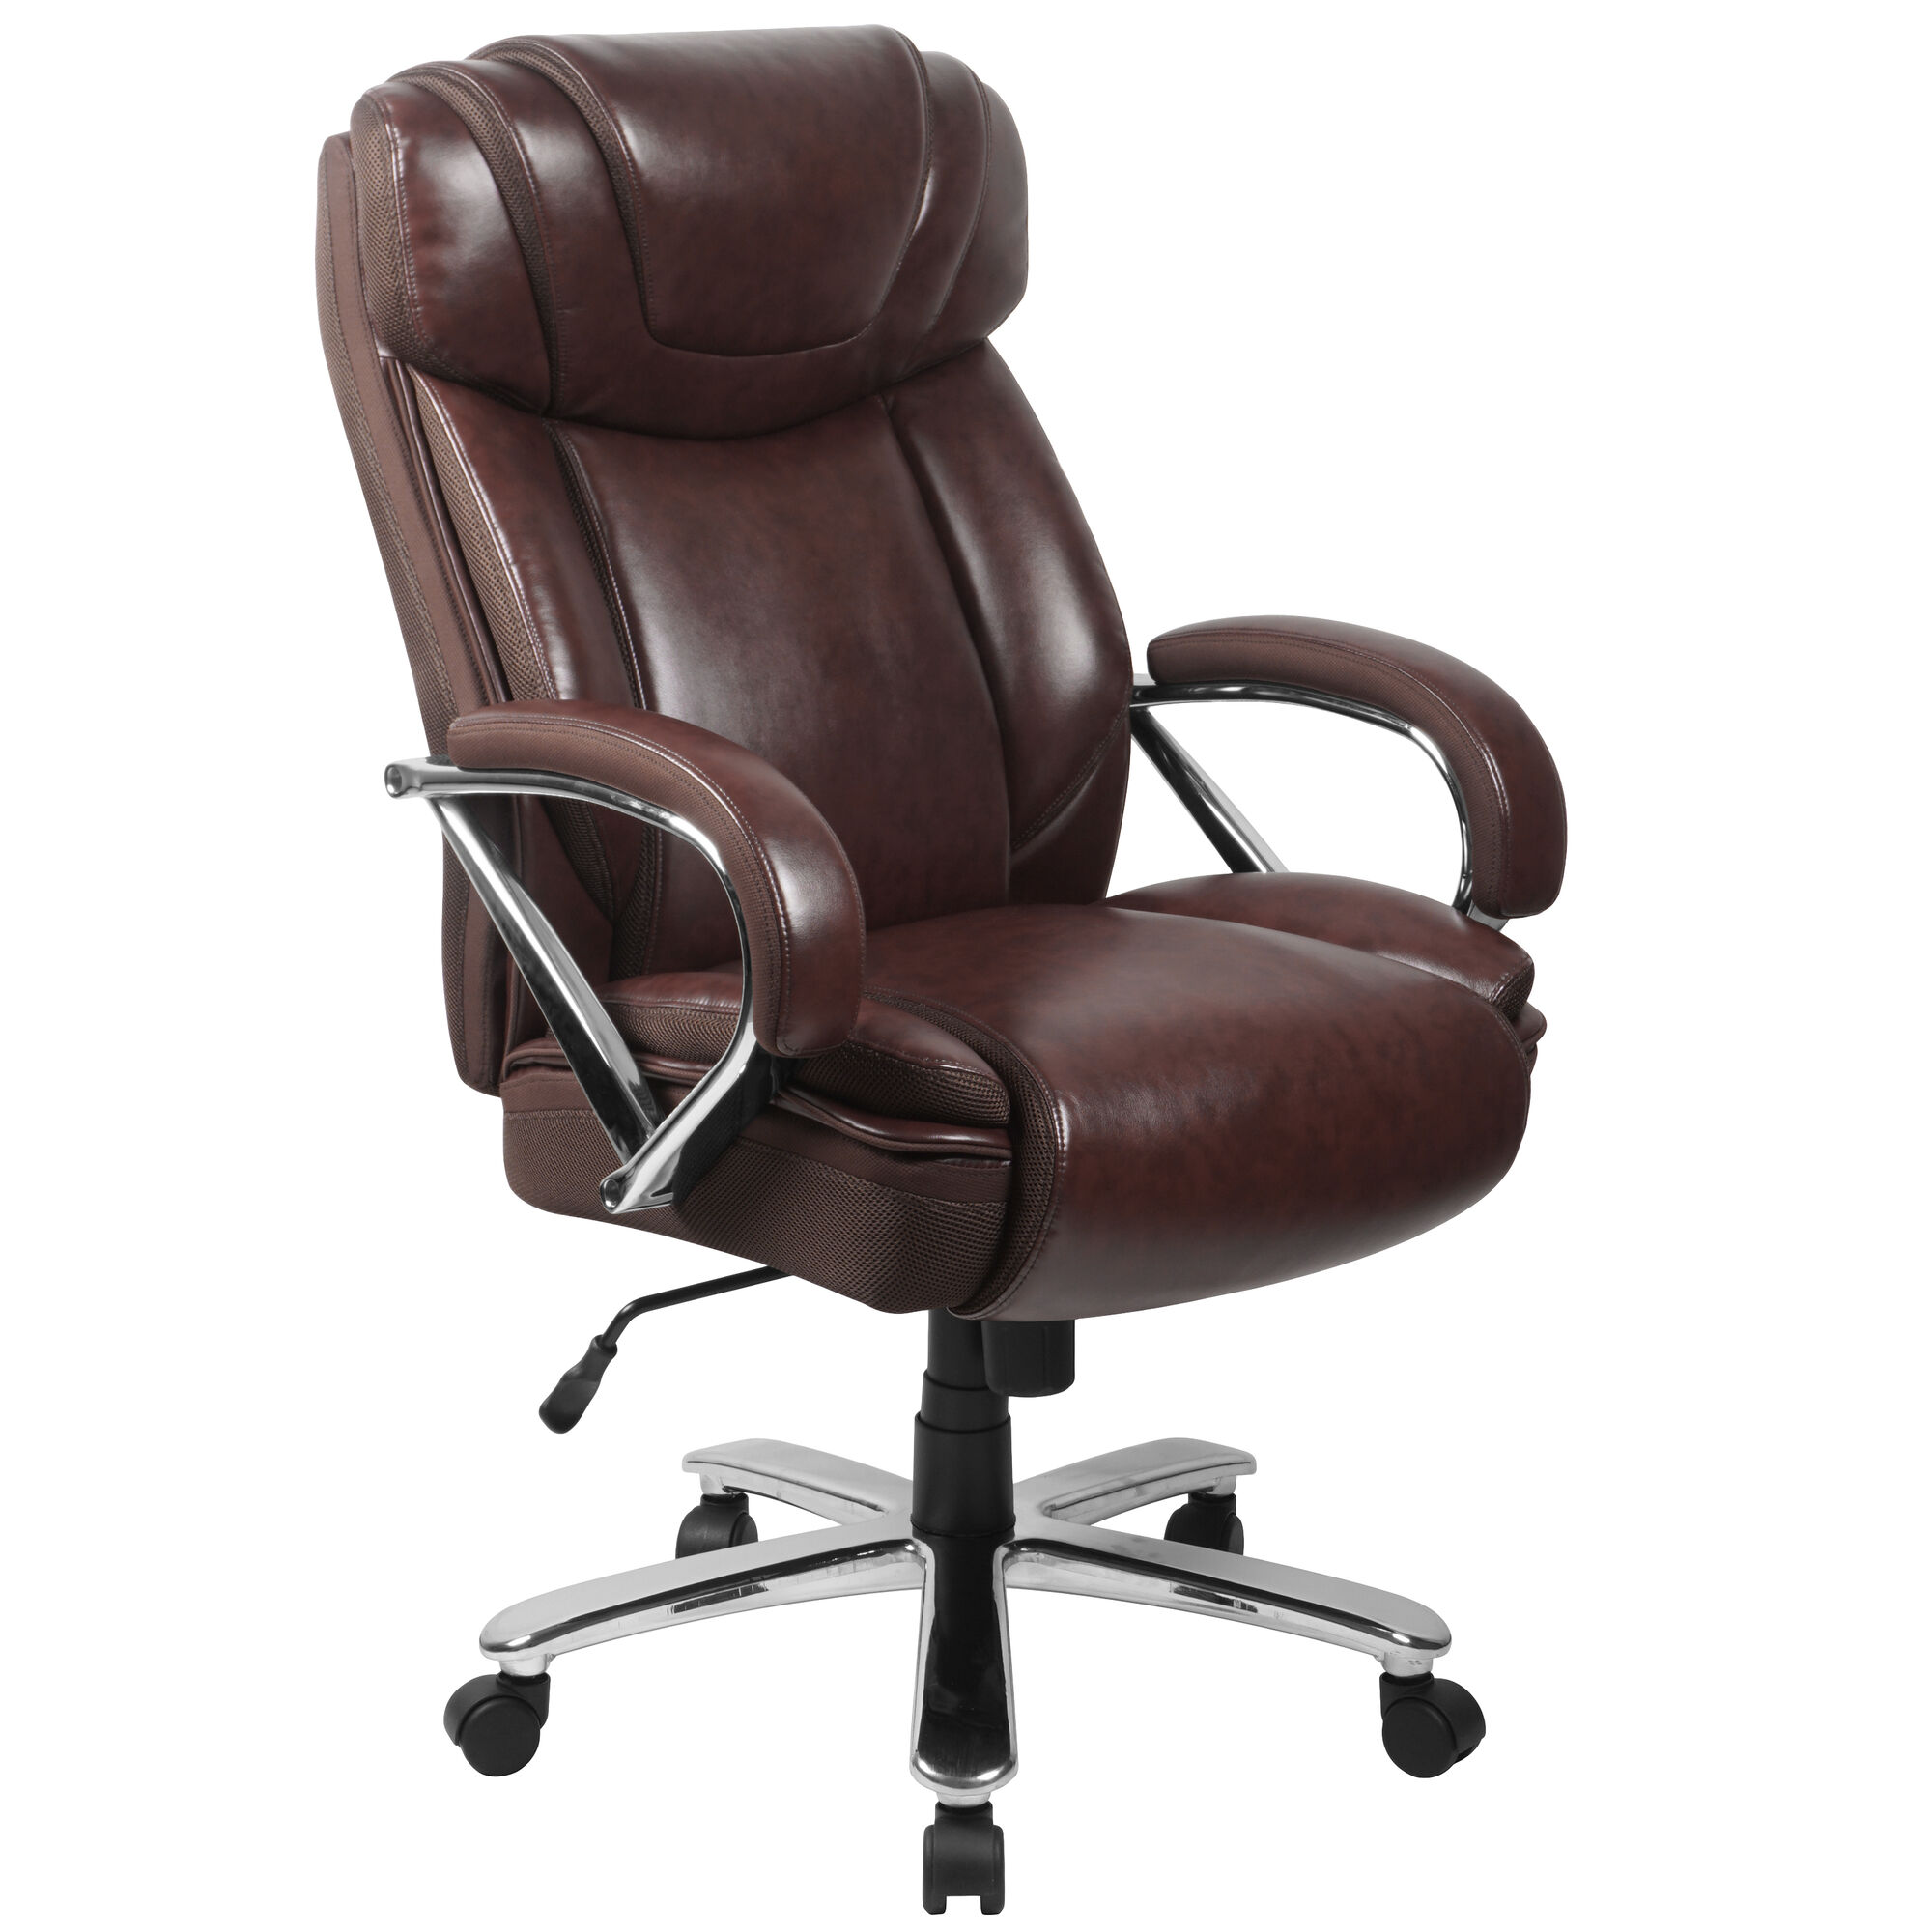 Flash Furniture GO 2092M 1 BN GG at Bizchair